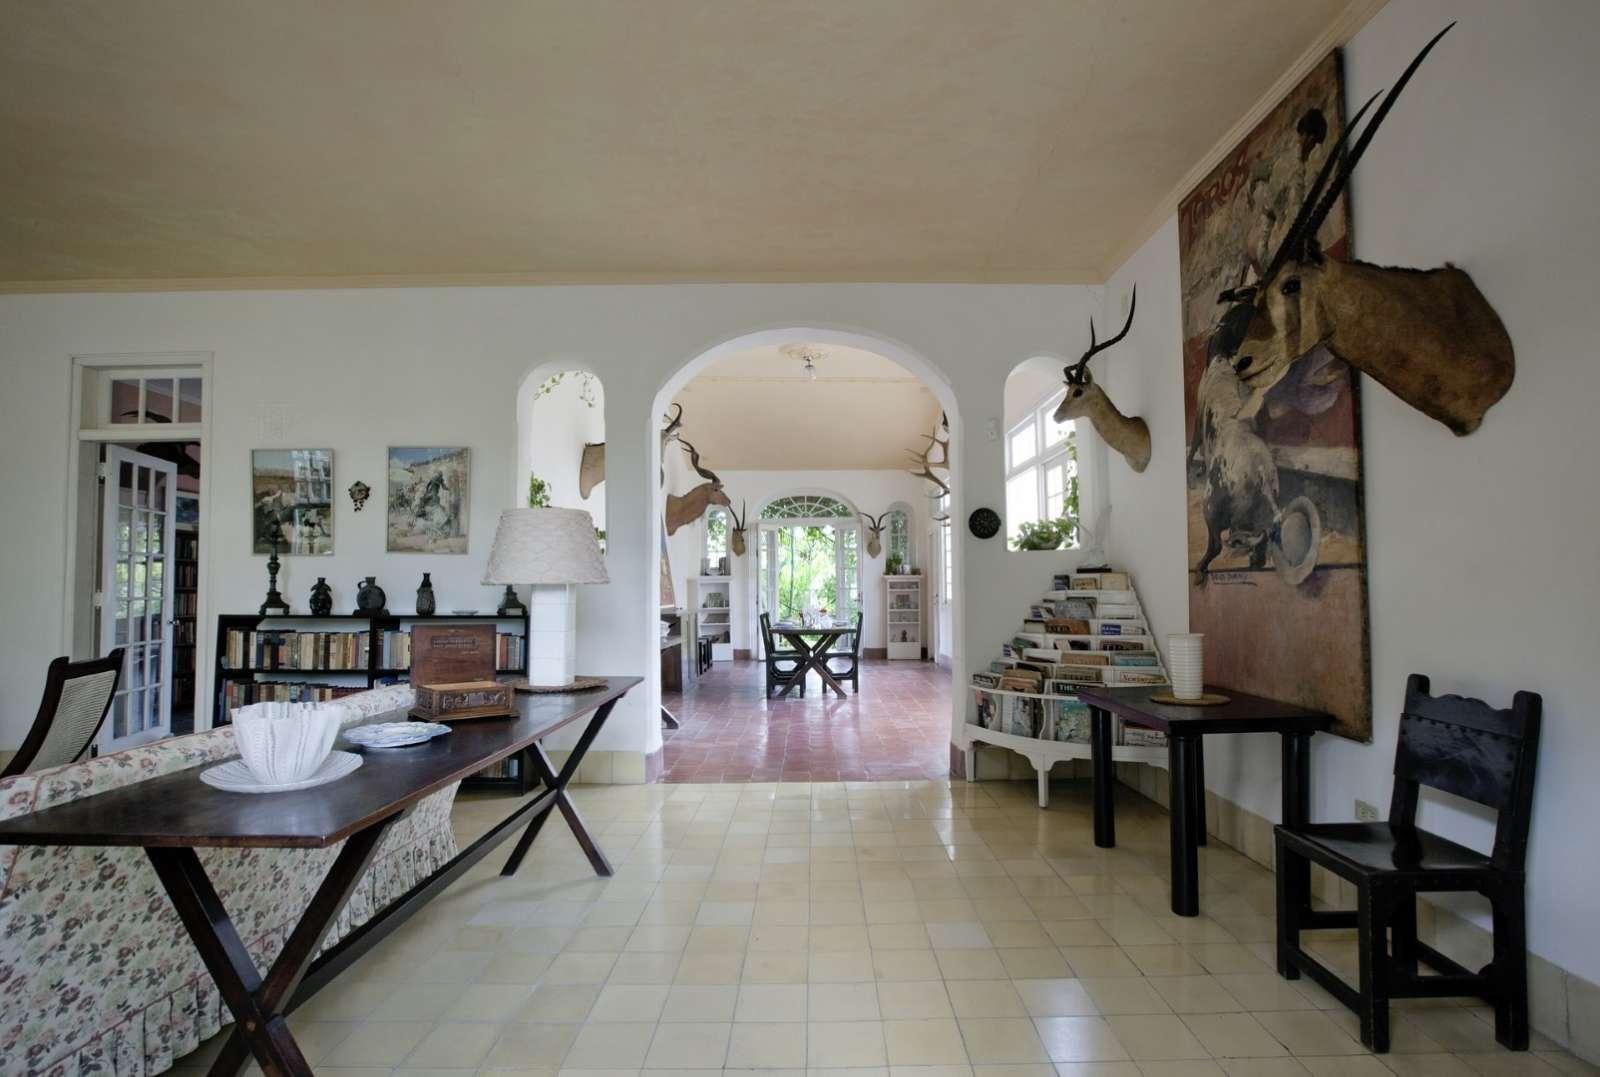 Finca Vigia was Ernest Hemingway's old home in Havana